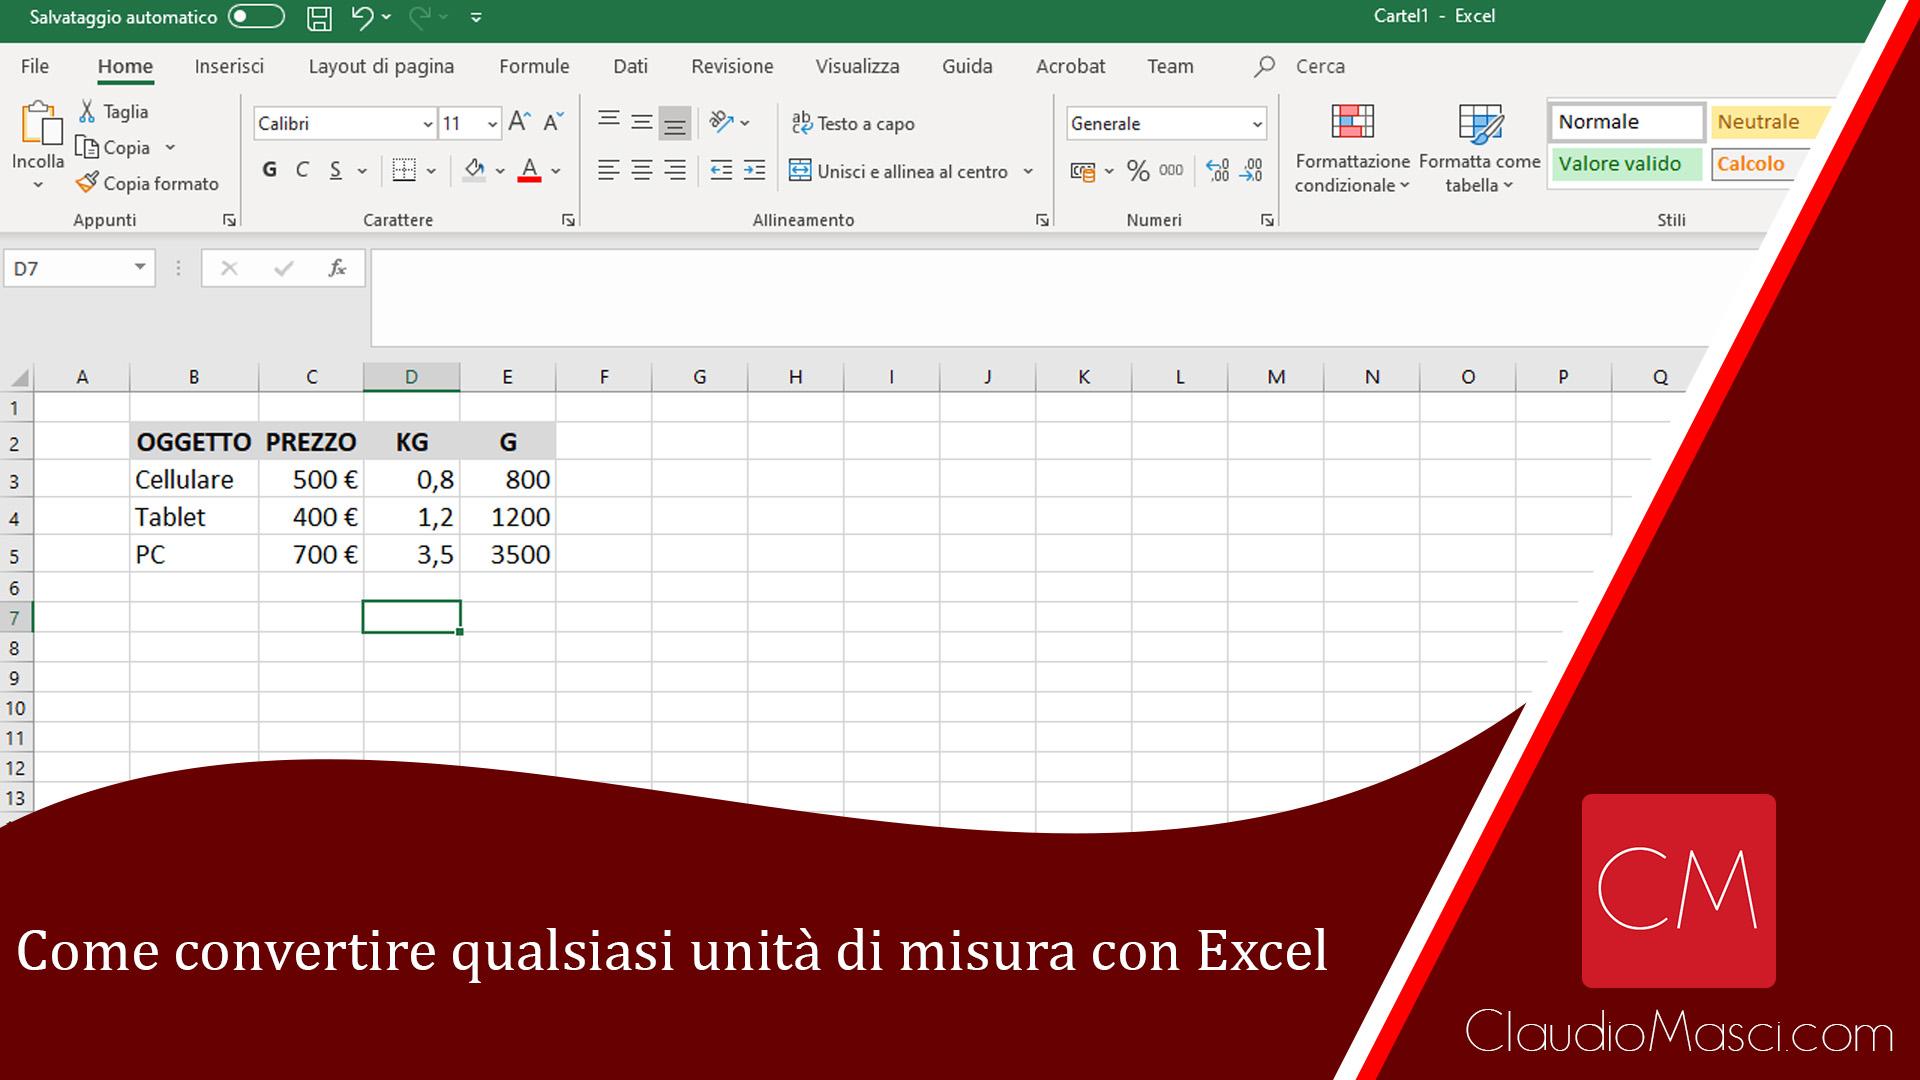 Come convertire qualsiasi unità di misura con Excel